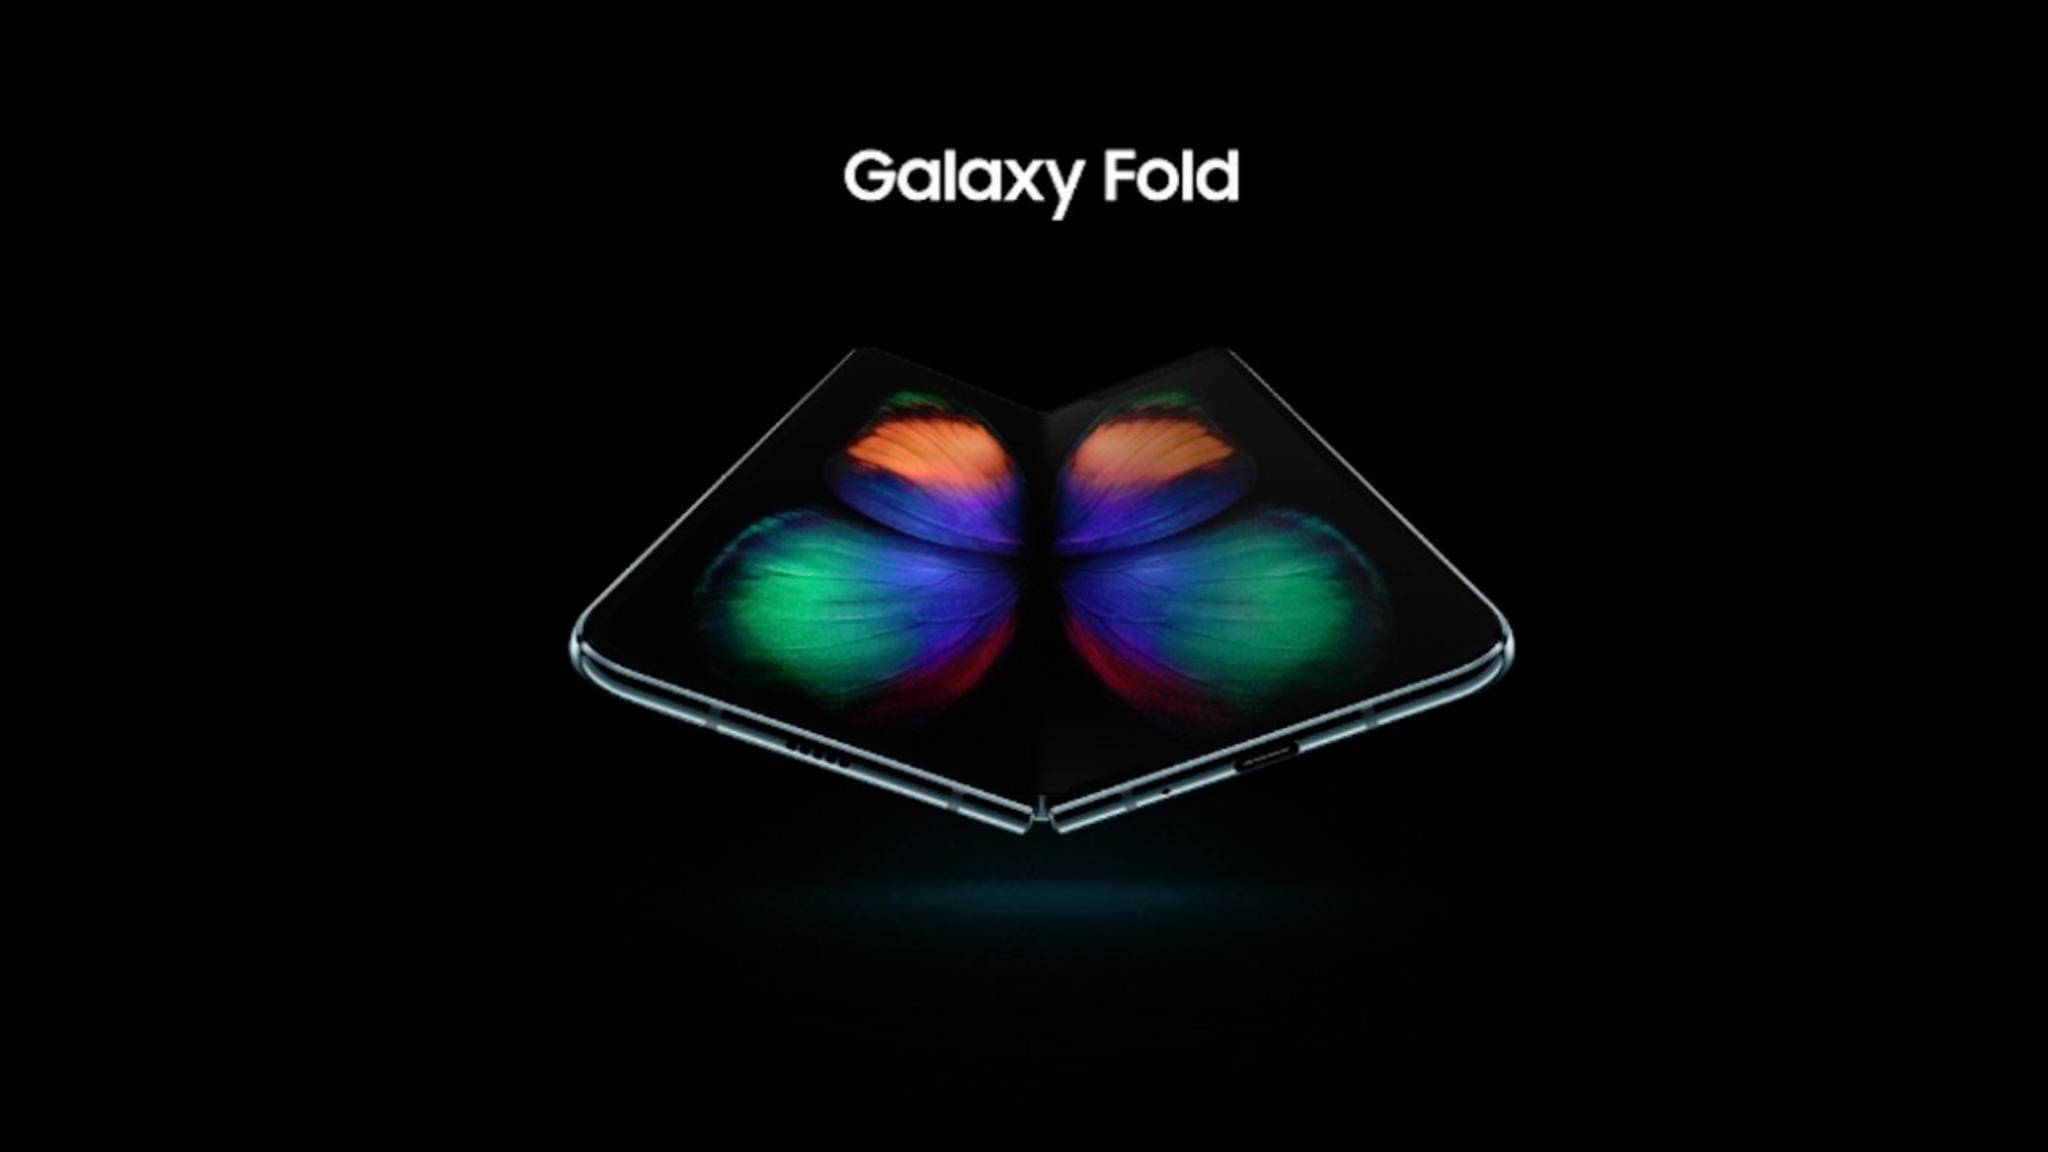 Das faltbare Smartphone von Samsung soll Galaxy Fold heißen.